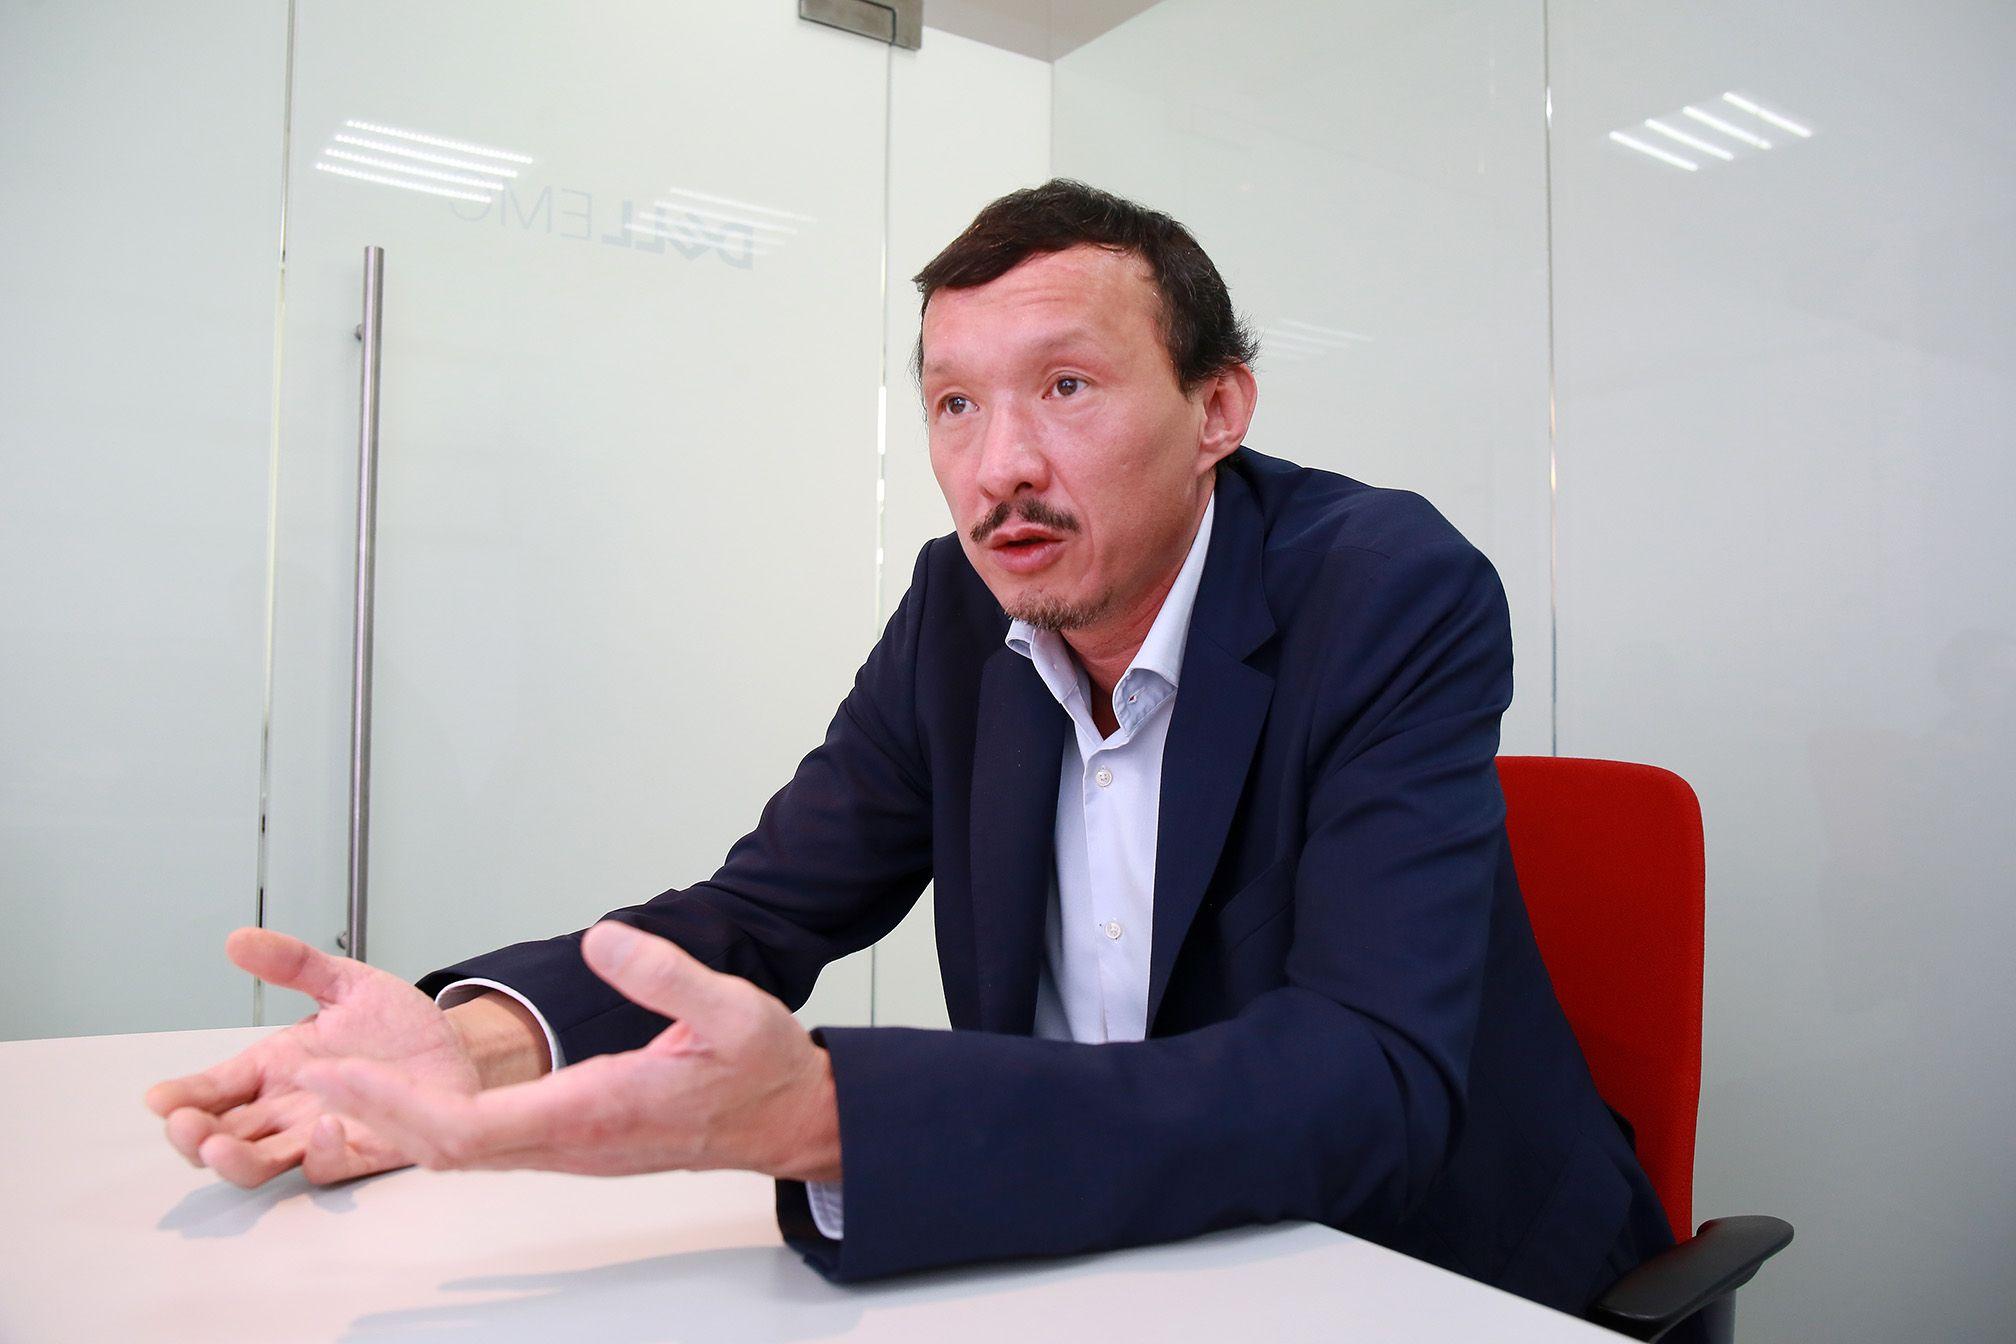 Цифровая трансформация поможет бизнесу сэкономить 511670 - Kapital.kz